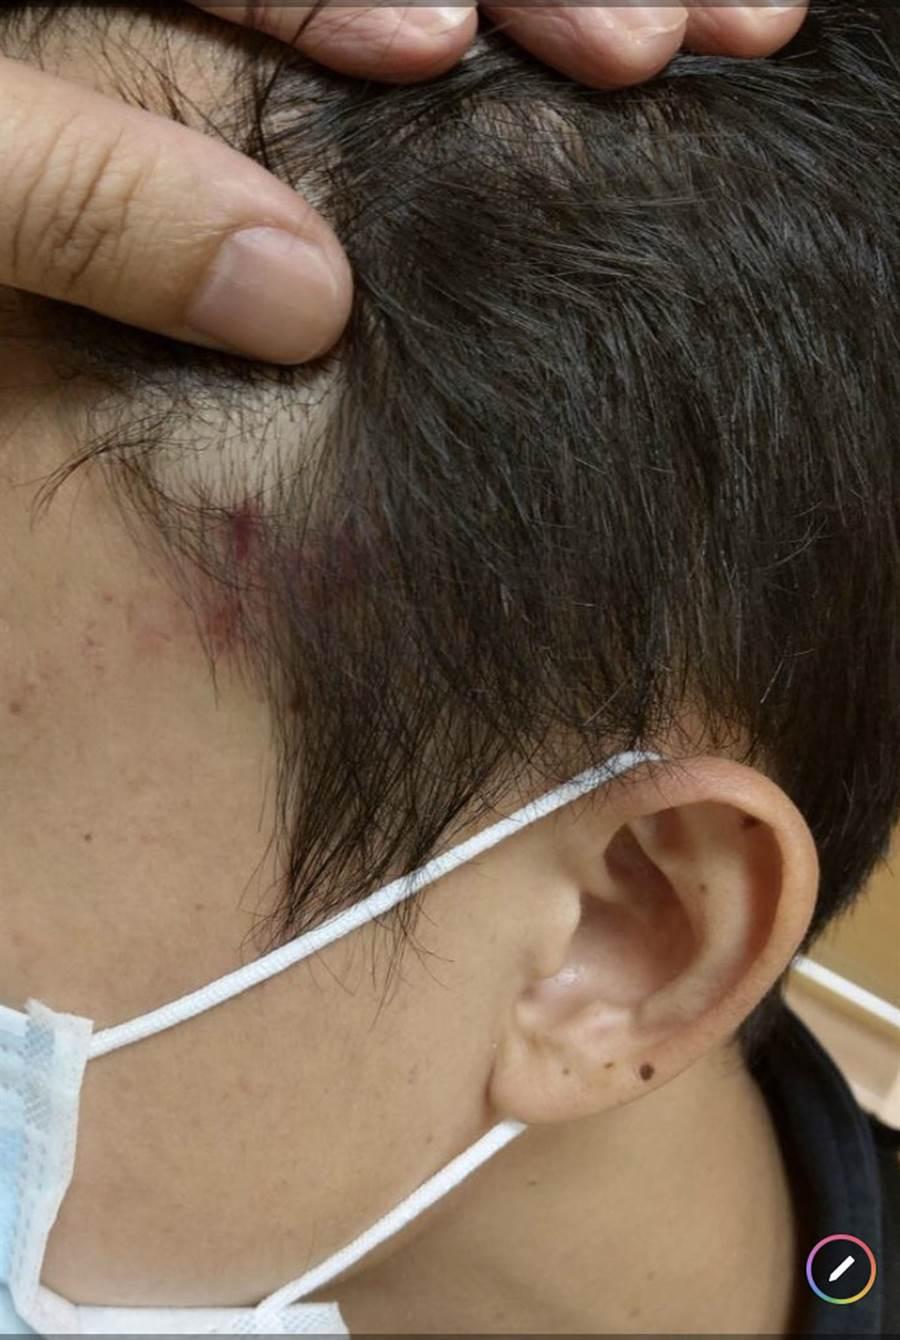 陳嫌開槍貫穿偵防車擋風玻璃,子彈擦過許姓維安特勤隊員左側頭部,幸運只受到輕傷。(陳世宗翻攝)